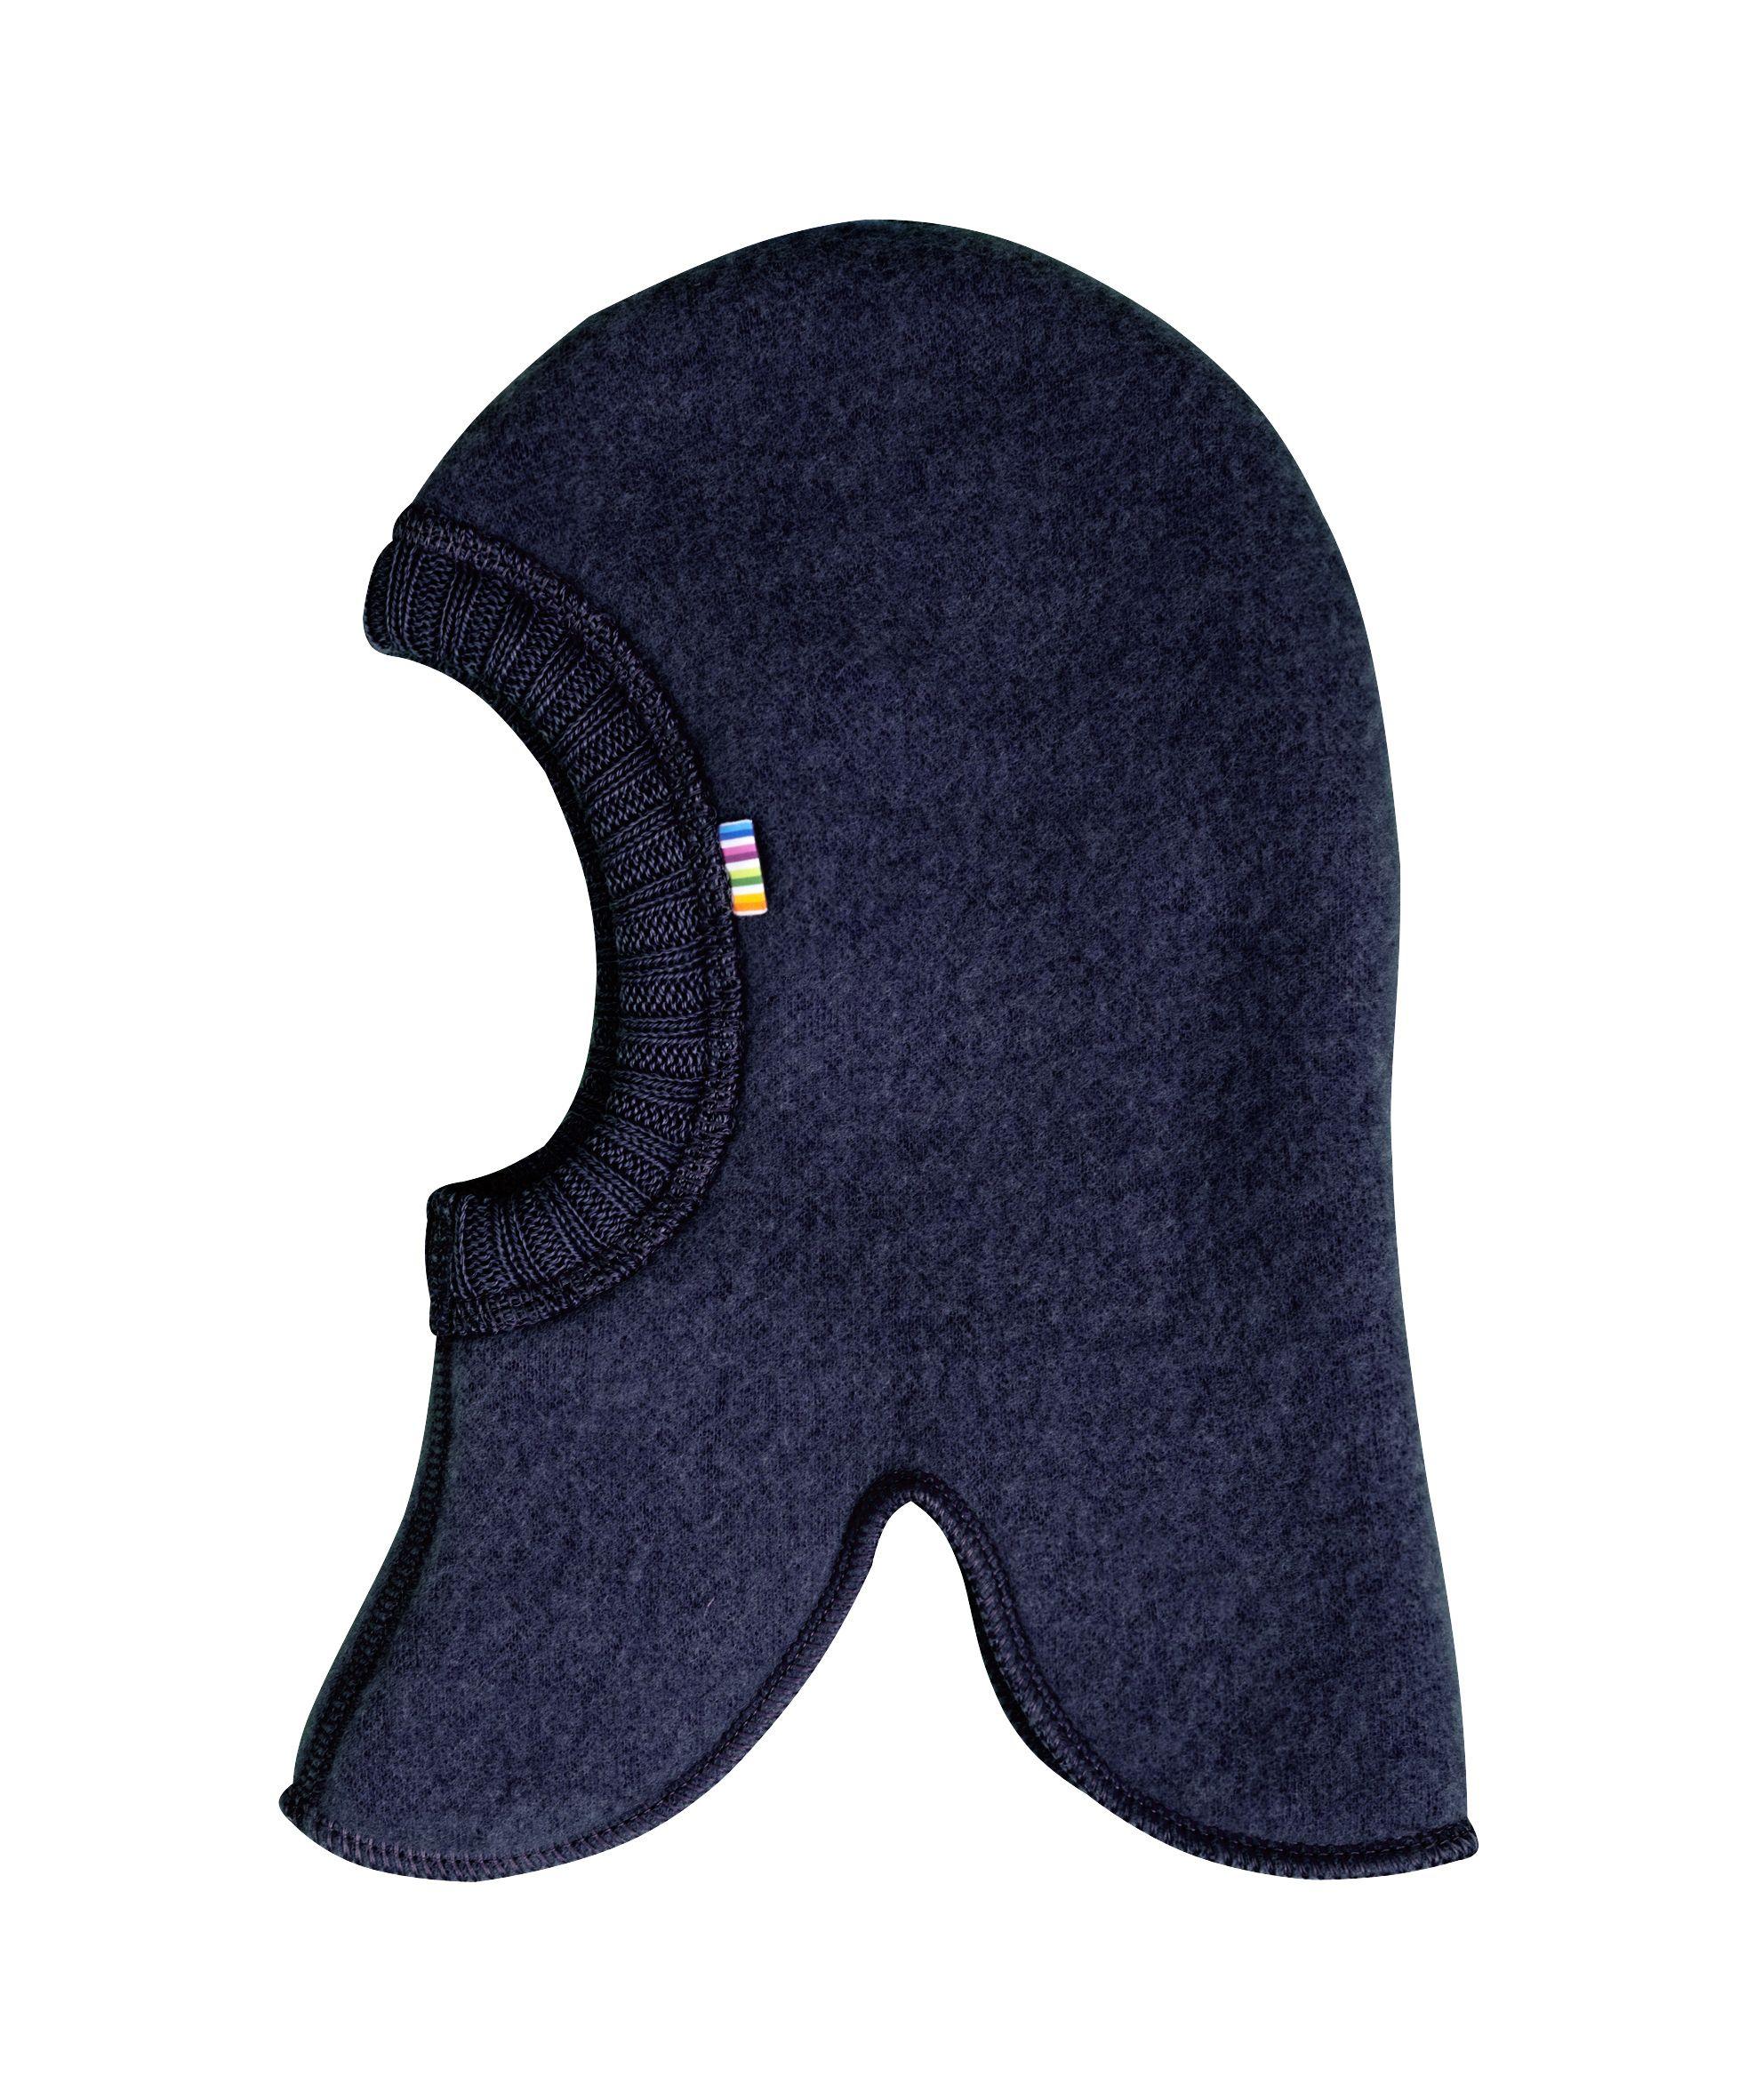 Elefanthue fra Joha i soft wool i Darkblue melange